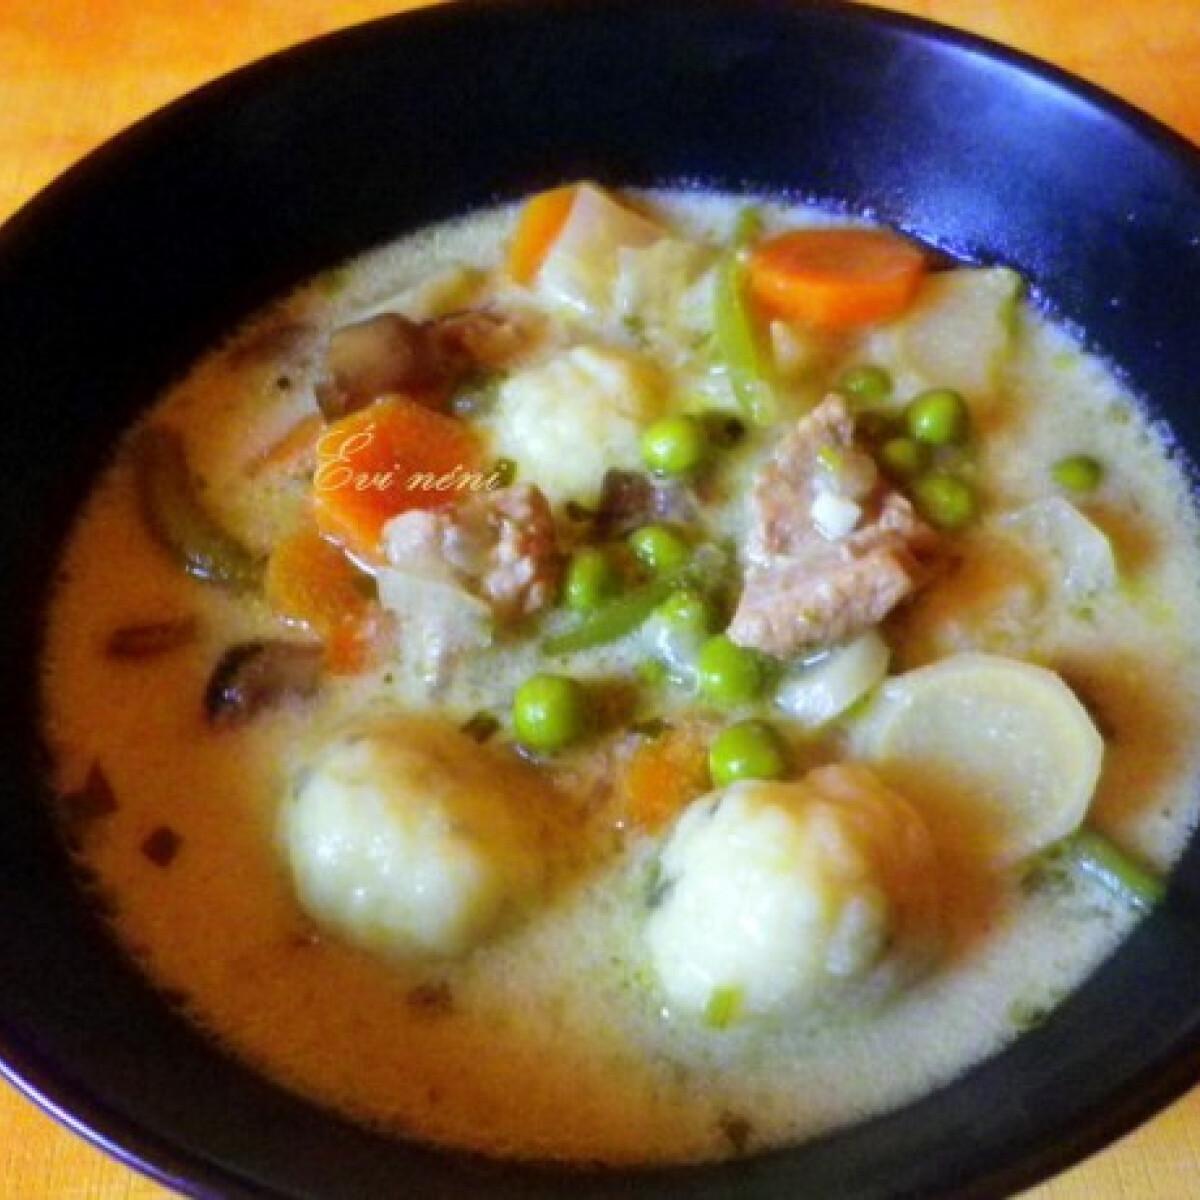 Ezen a képen: Nyírségi gombócleves Évi néni konyhájából